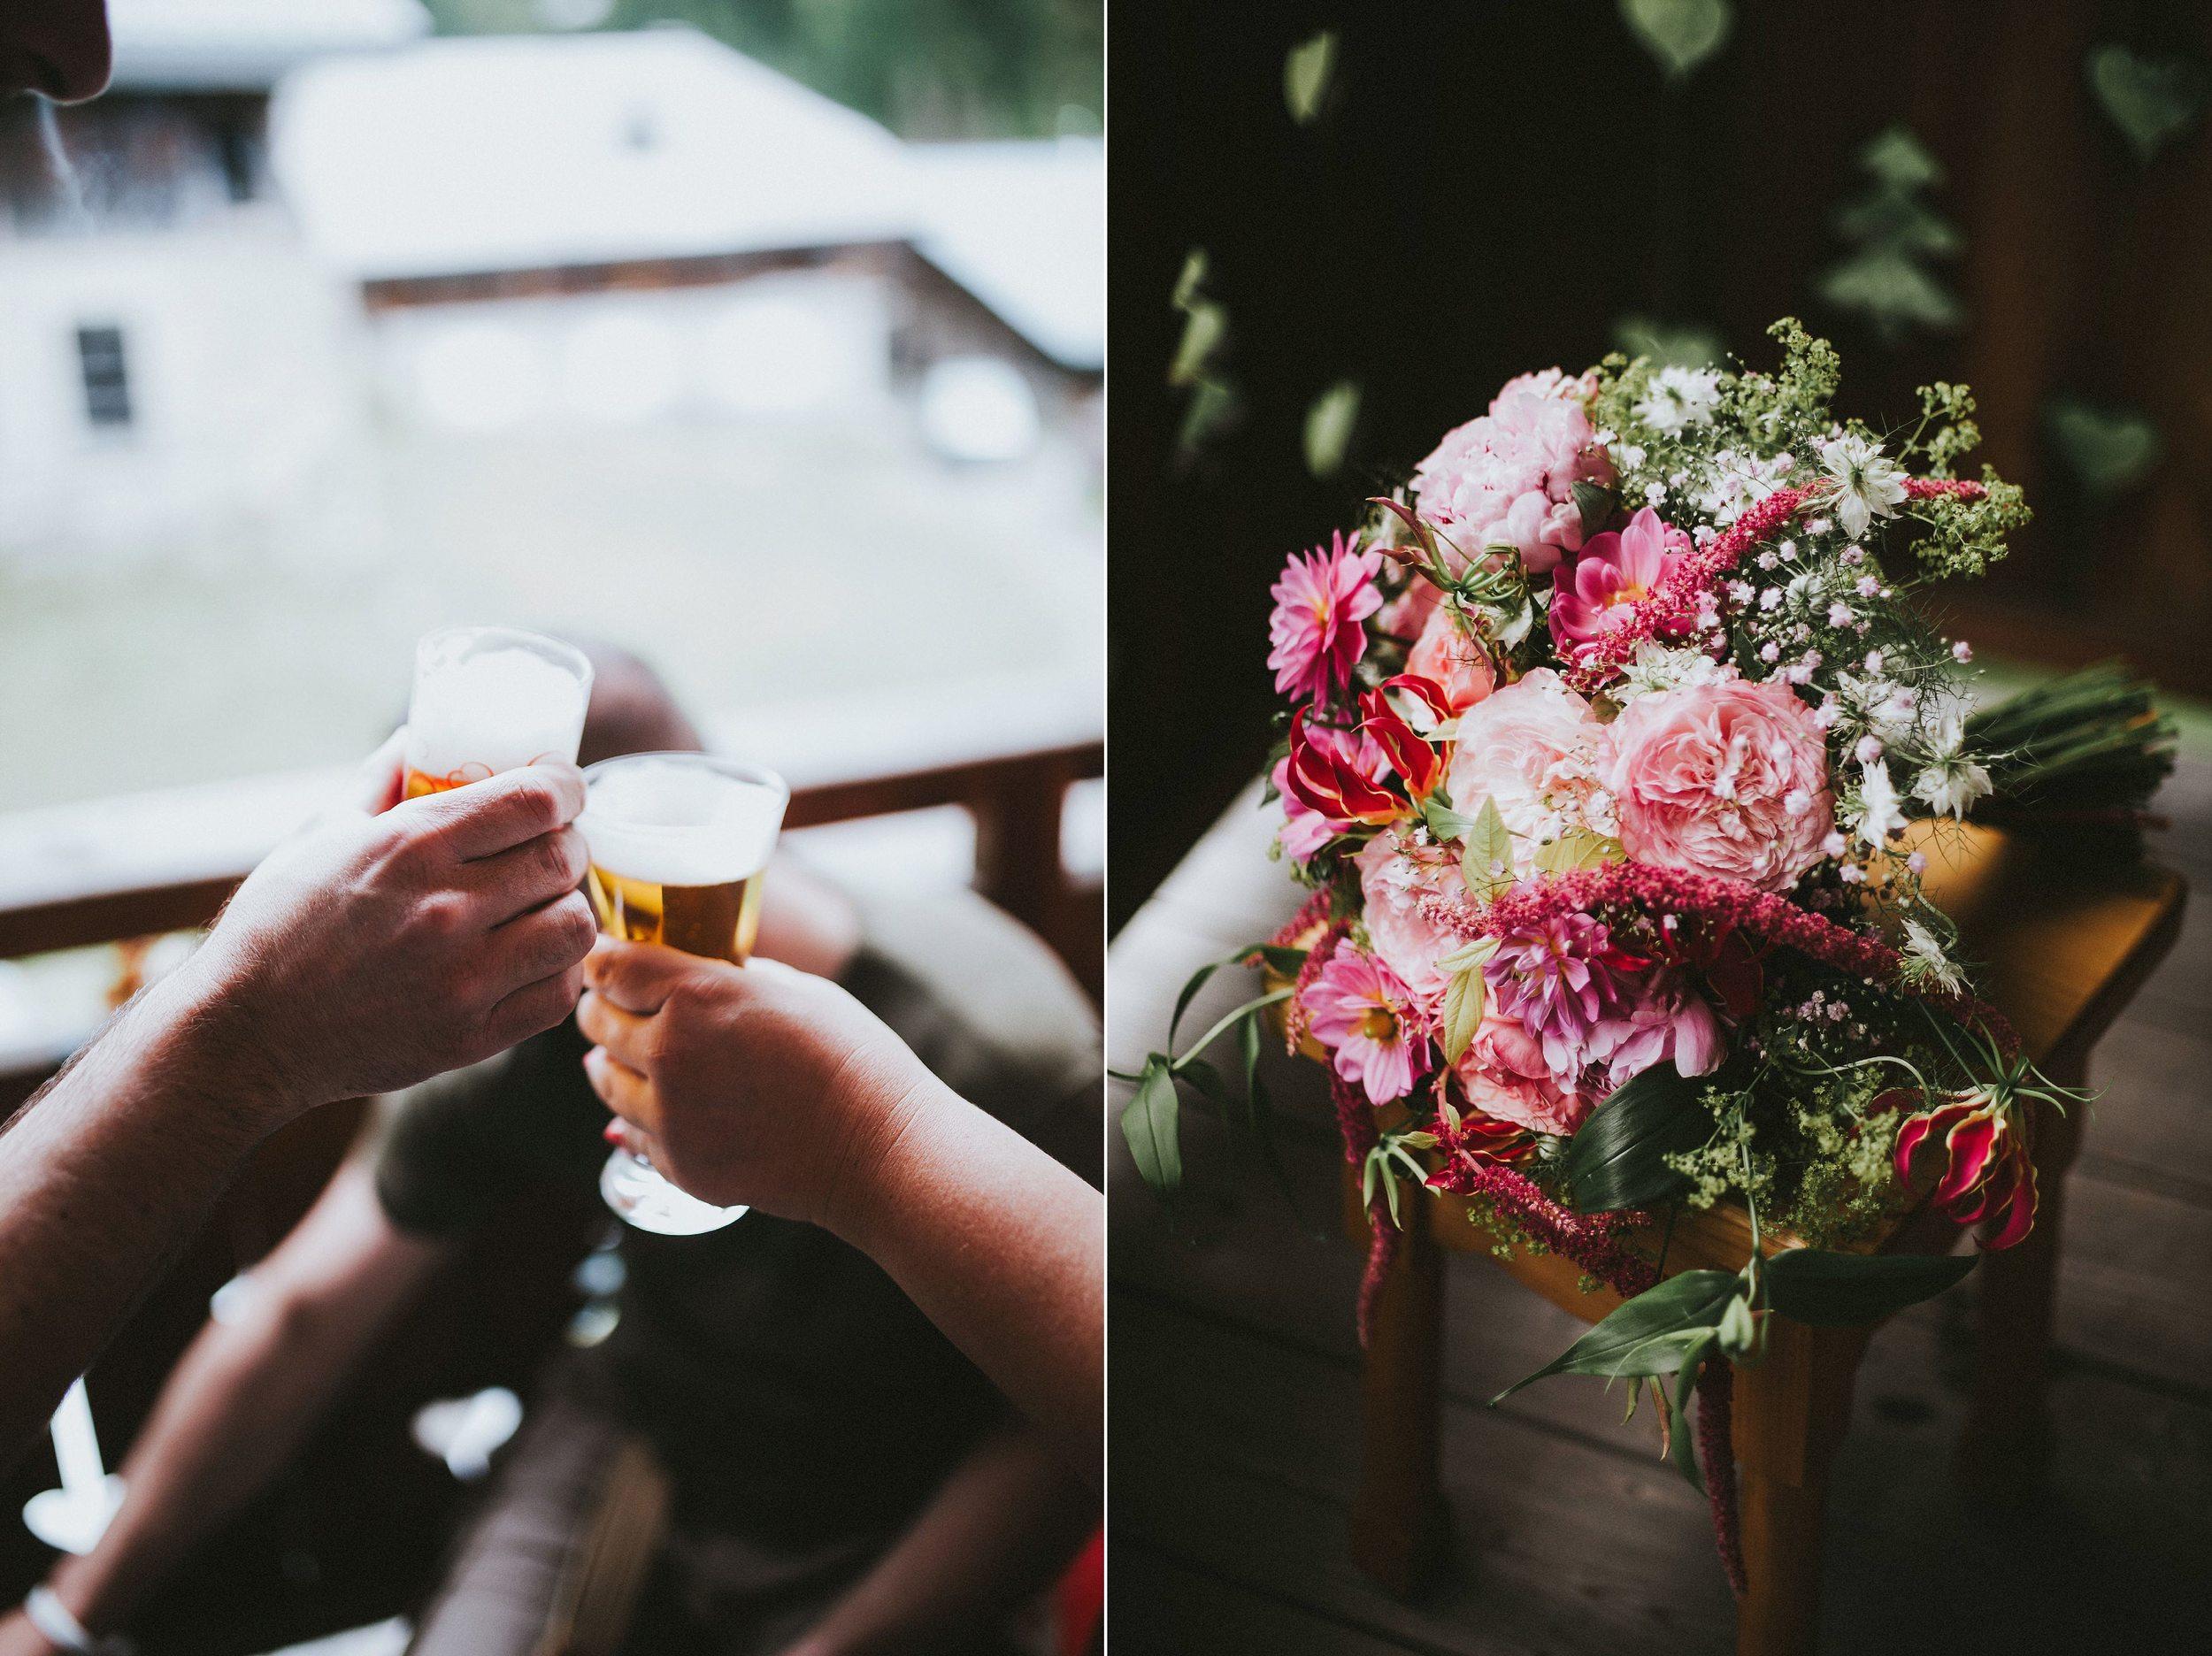 mariage-suisse-haute-savoie-domaine-baron-steven-bassillieaux-bordeaux-dordogne-wedding-photographe-6.jpg